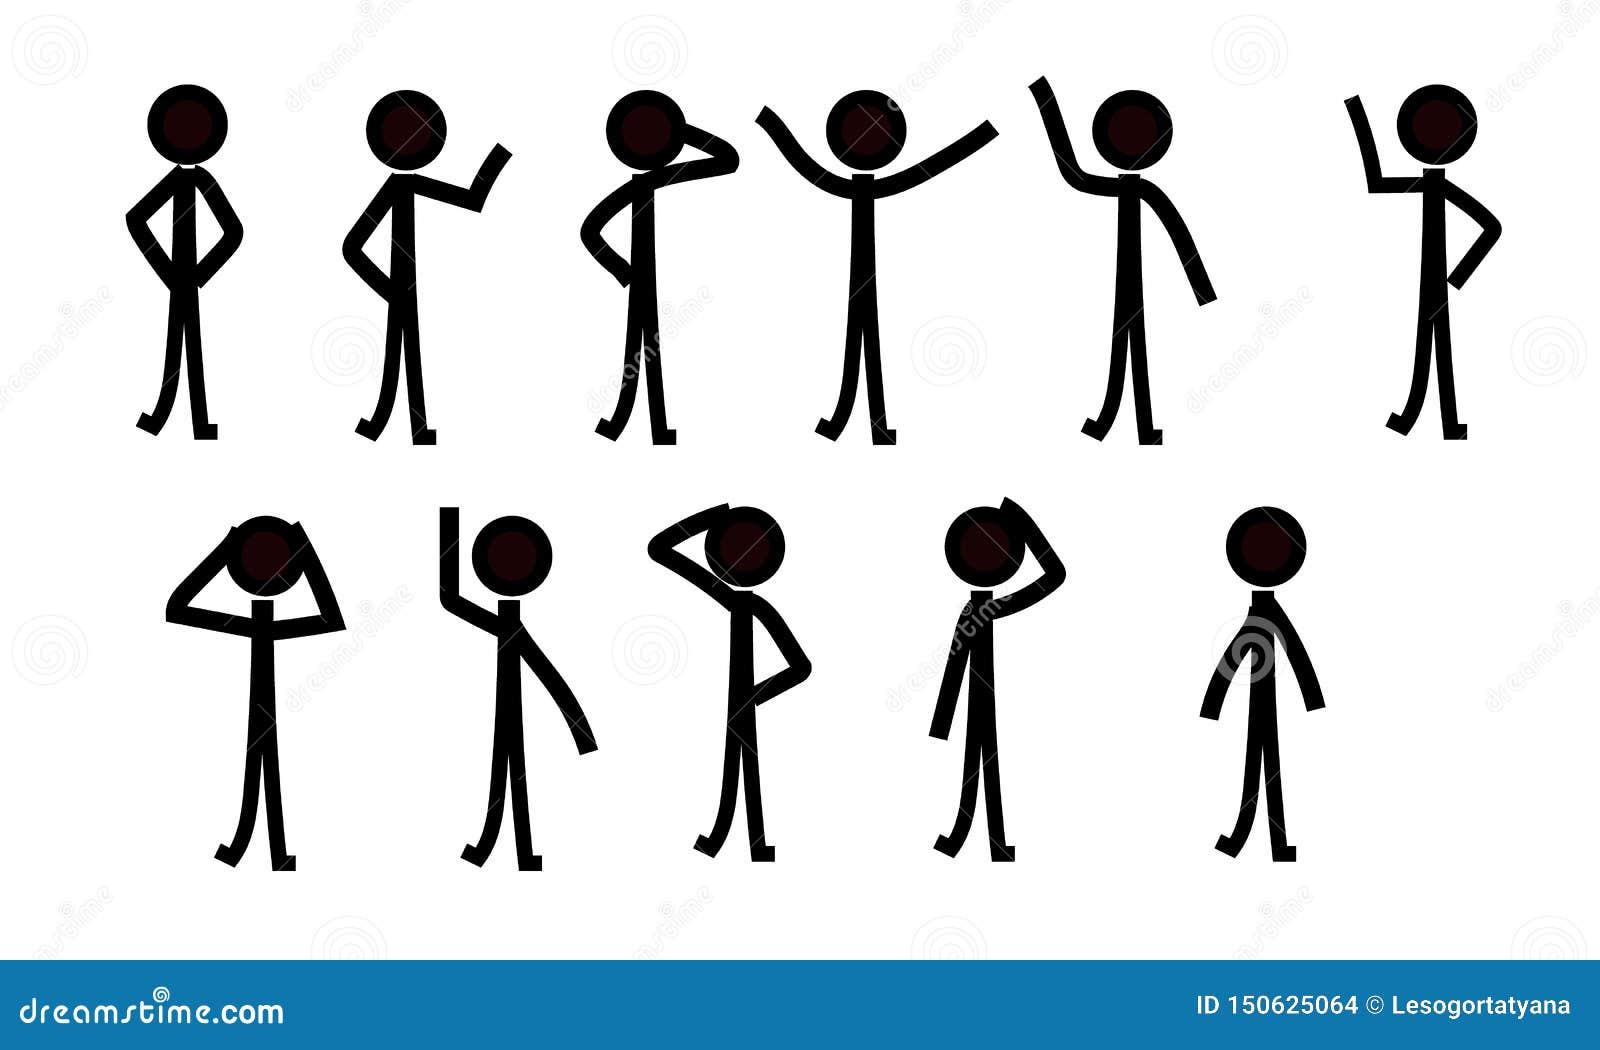 棍子形象人象形文字,不同的姿势